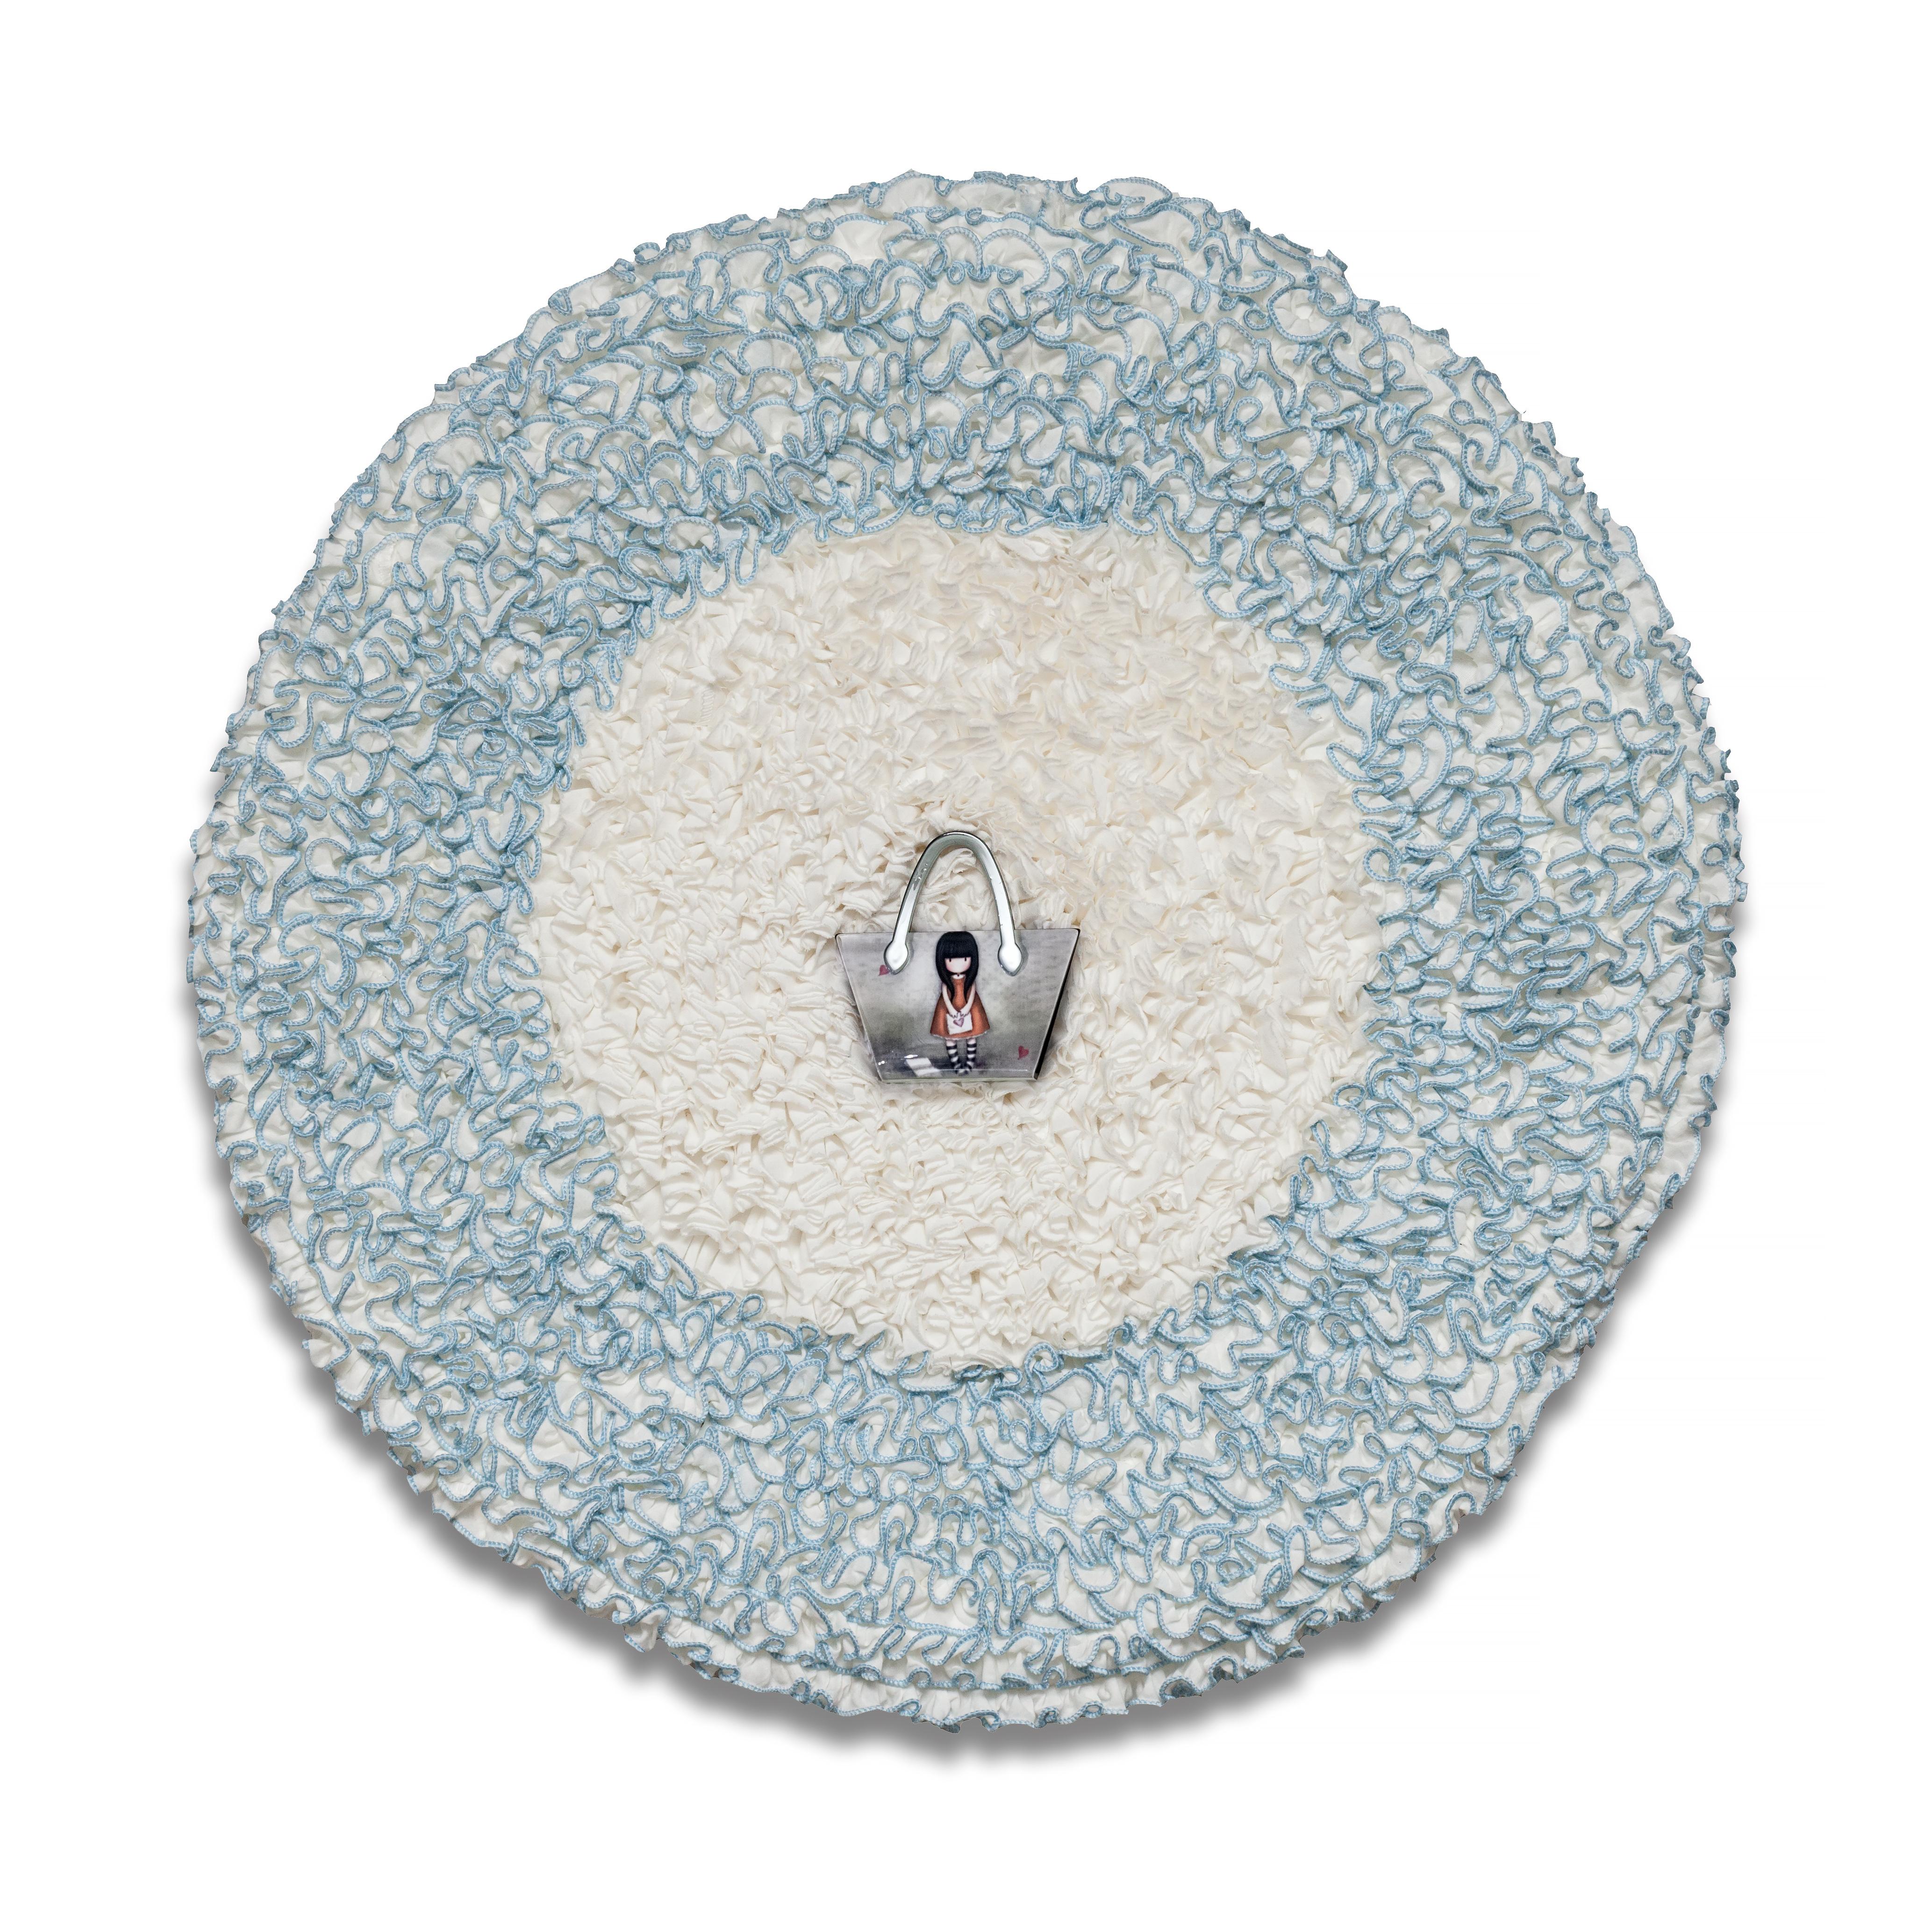 La Niña Argentina, objetos ensamblados; género bordado y metal, 49 cm x 49 cm. 2016